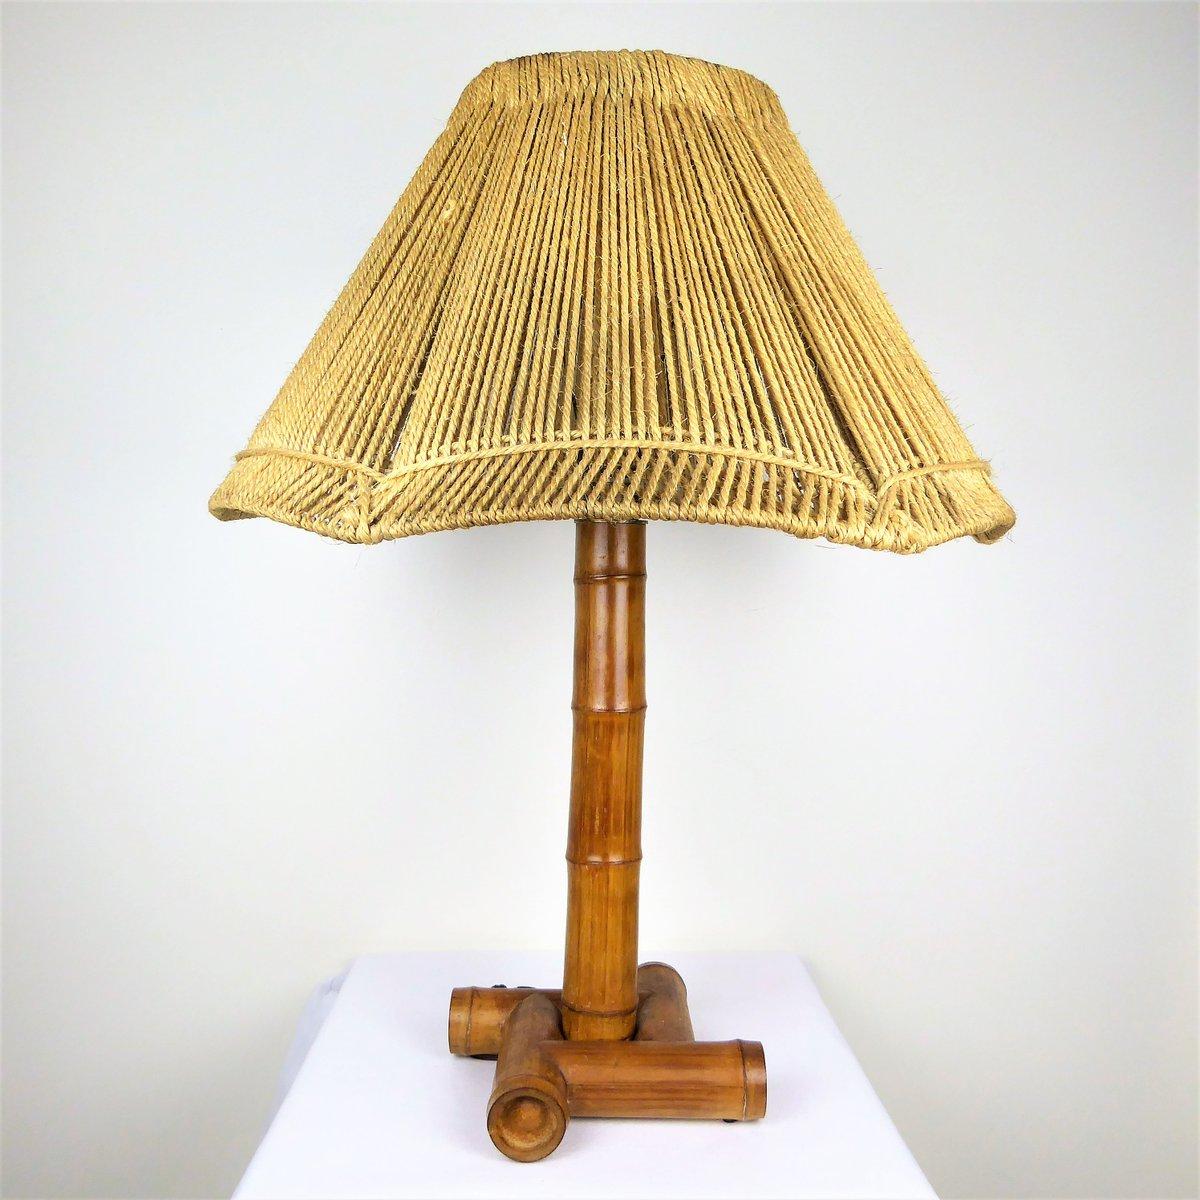 Bambus Lampe Mit Leuchte Aus Seil 1950er Bei Pamono Kaufen